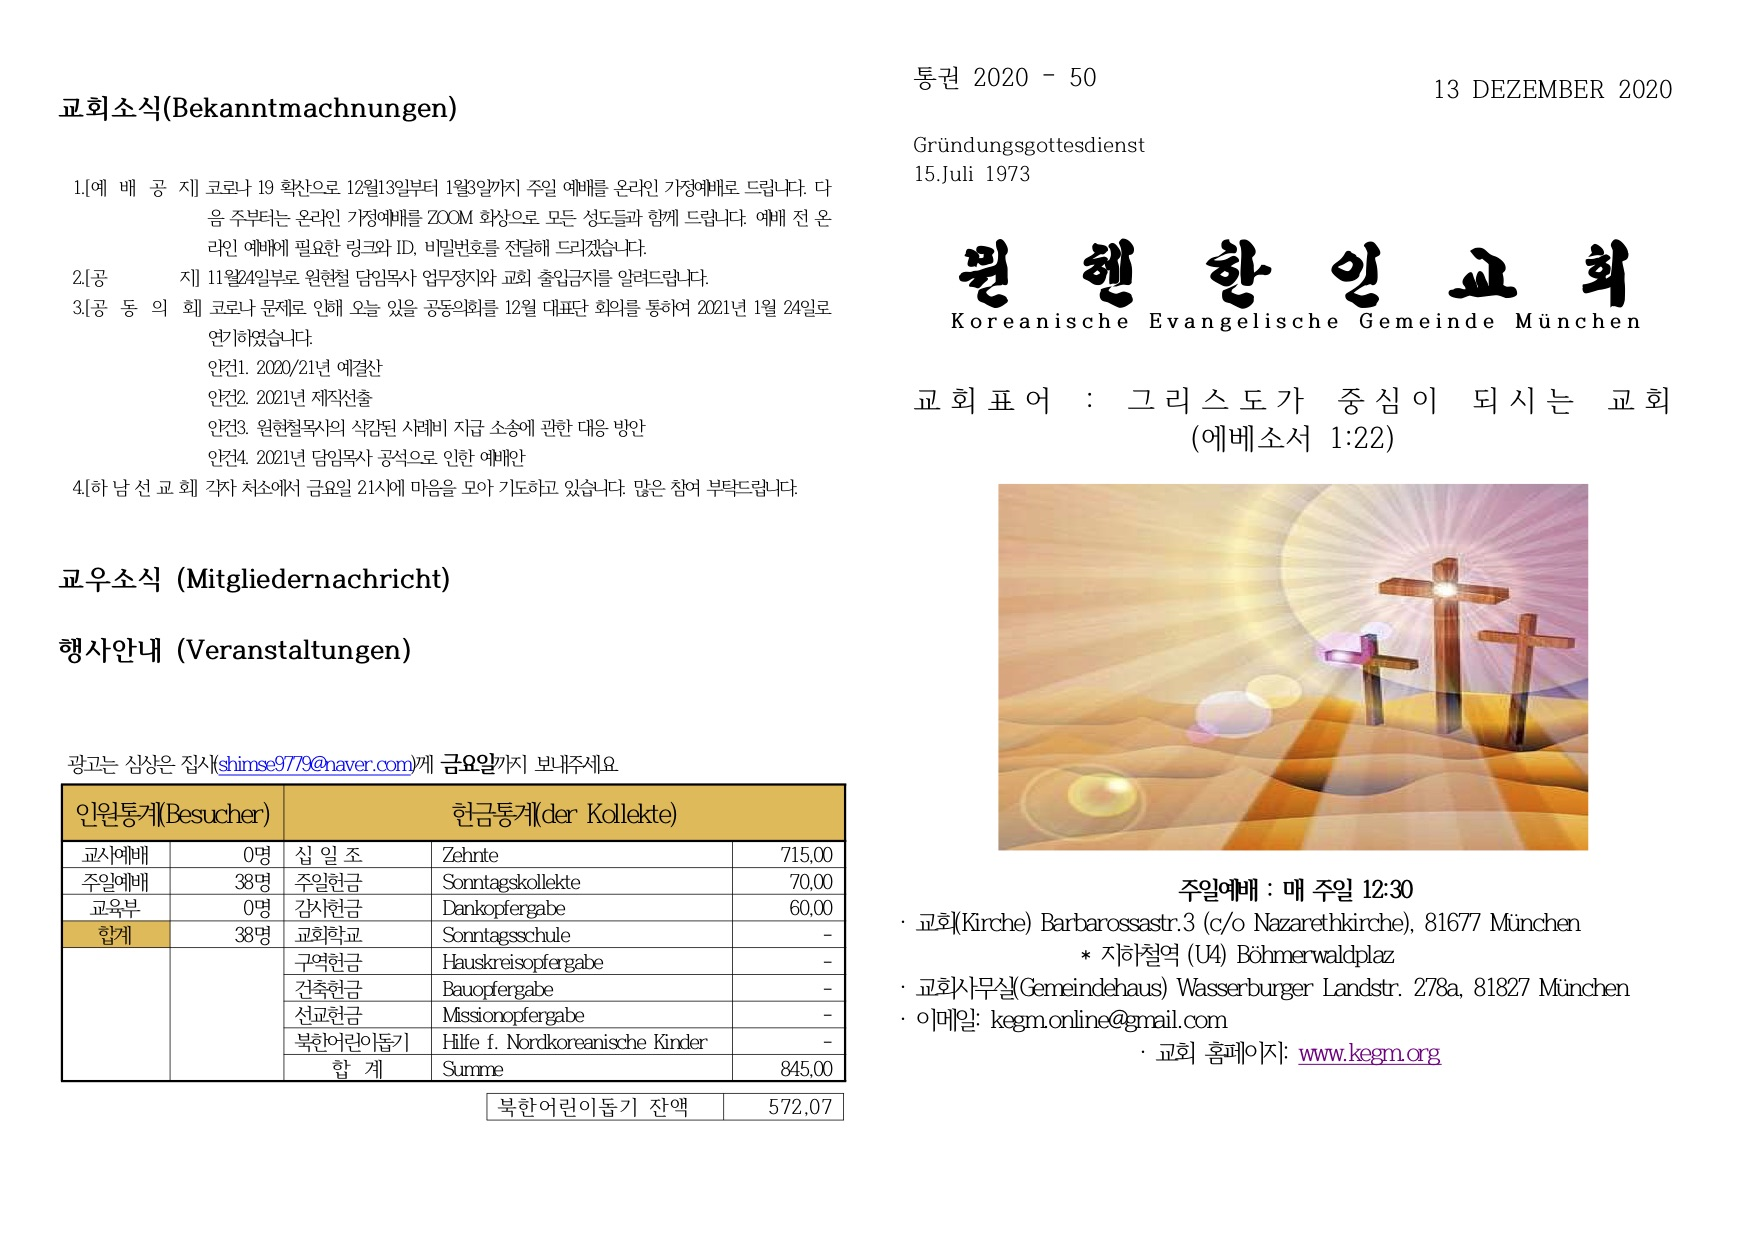 20201213_bulletin_1.jpg